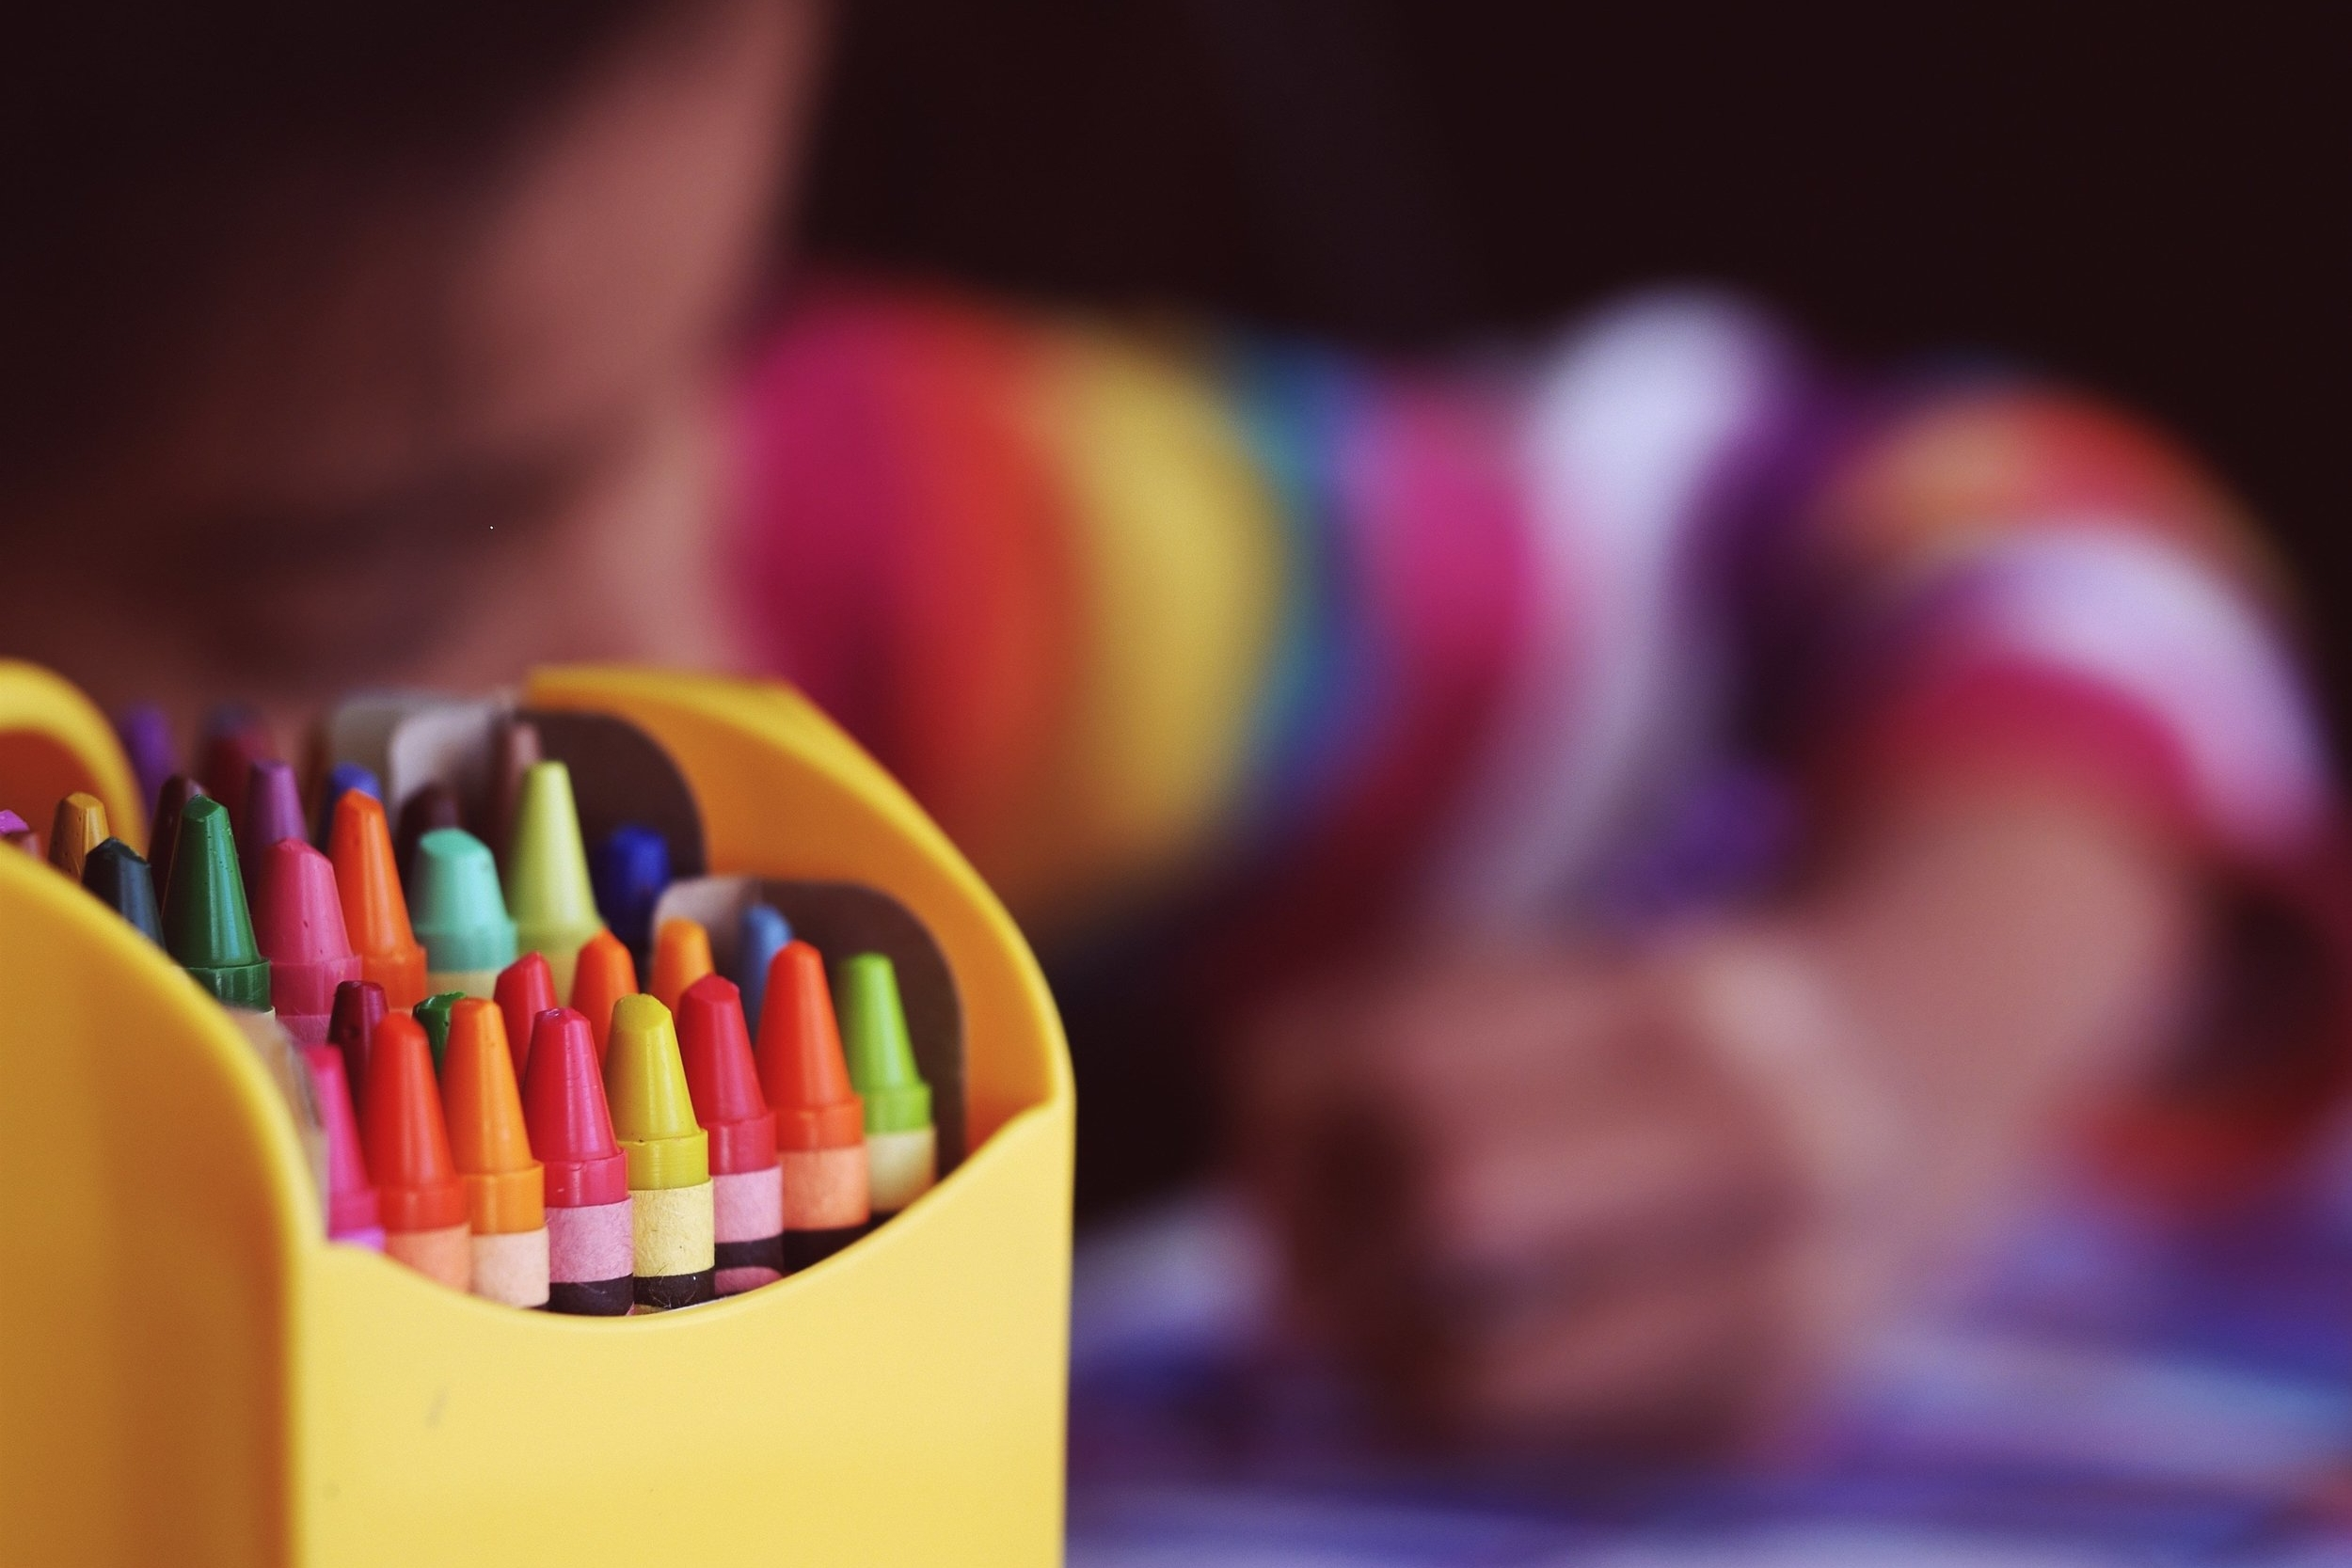 Nivel Educativo: - PARA PROFESORES:·La Autoestima en el Aula·Los Límites en el Aula·Educación Sexual.PARA PADRES DE FAMILIA:·Los Límites·Premios y Castigos·Hábitos·El Juego·Educación Sexual en los Niños/Adolescentes